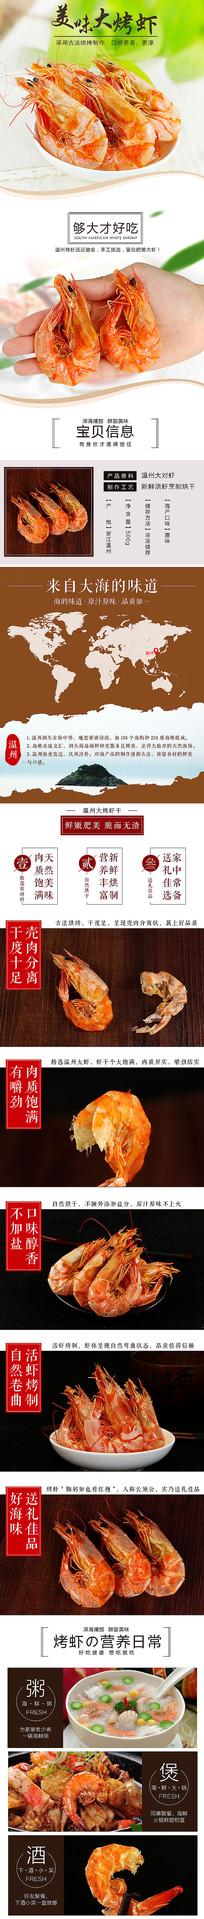 烤虾详情页模板